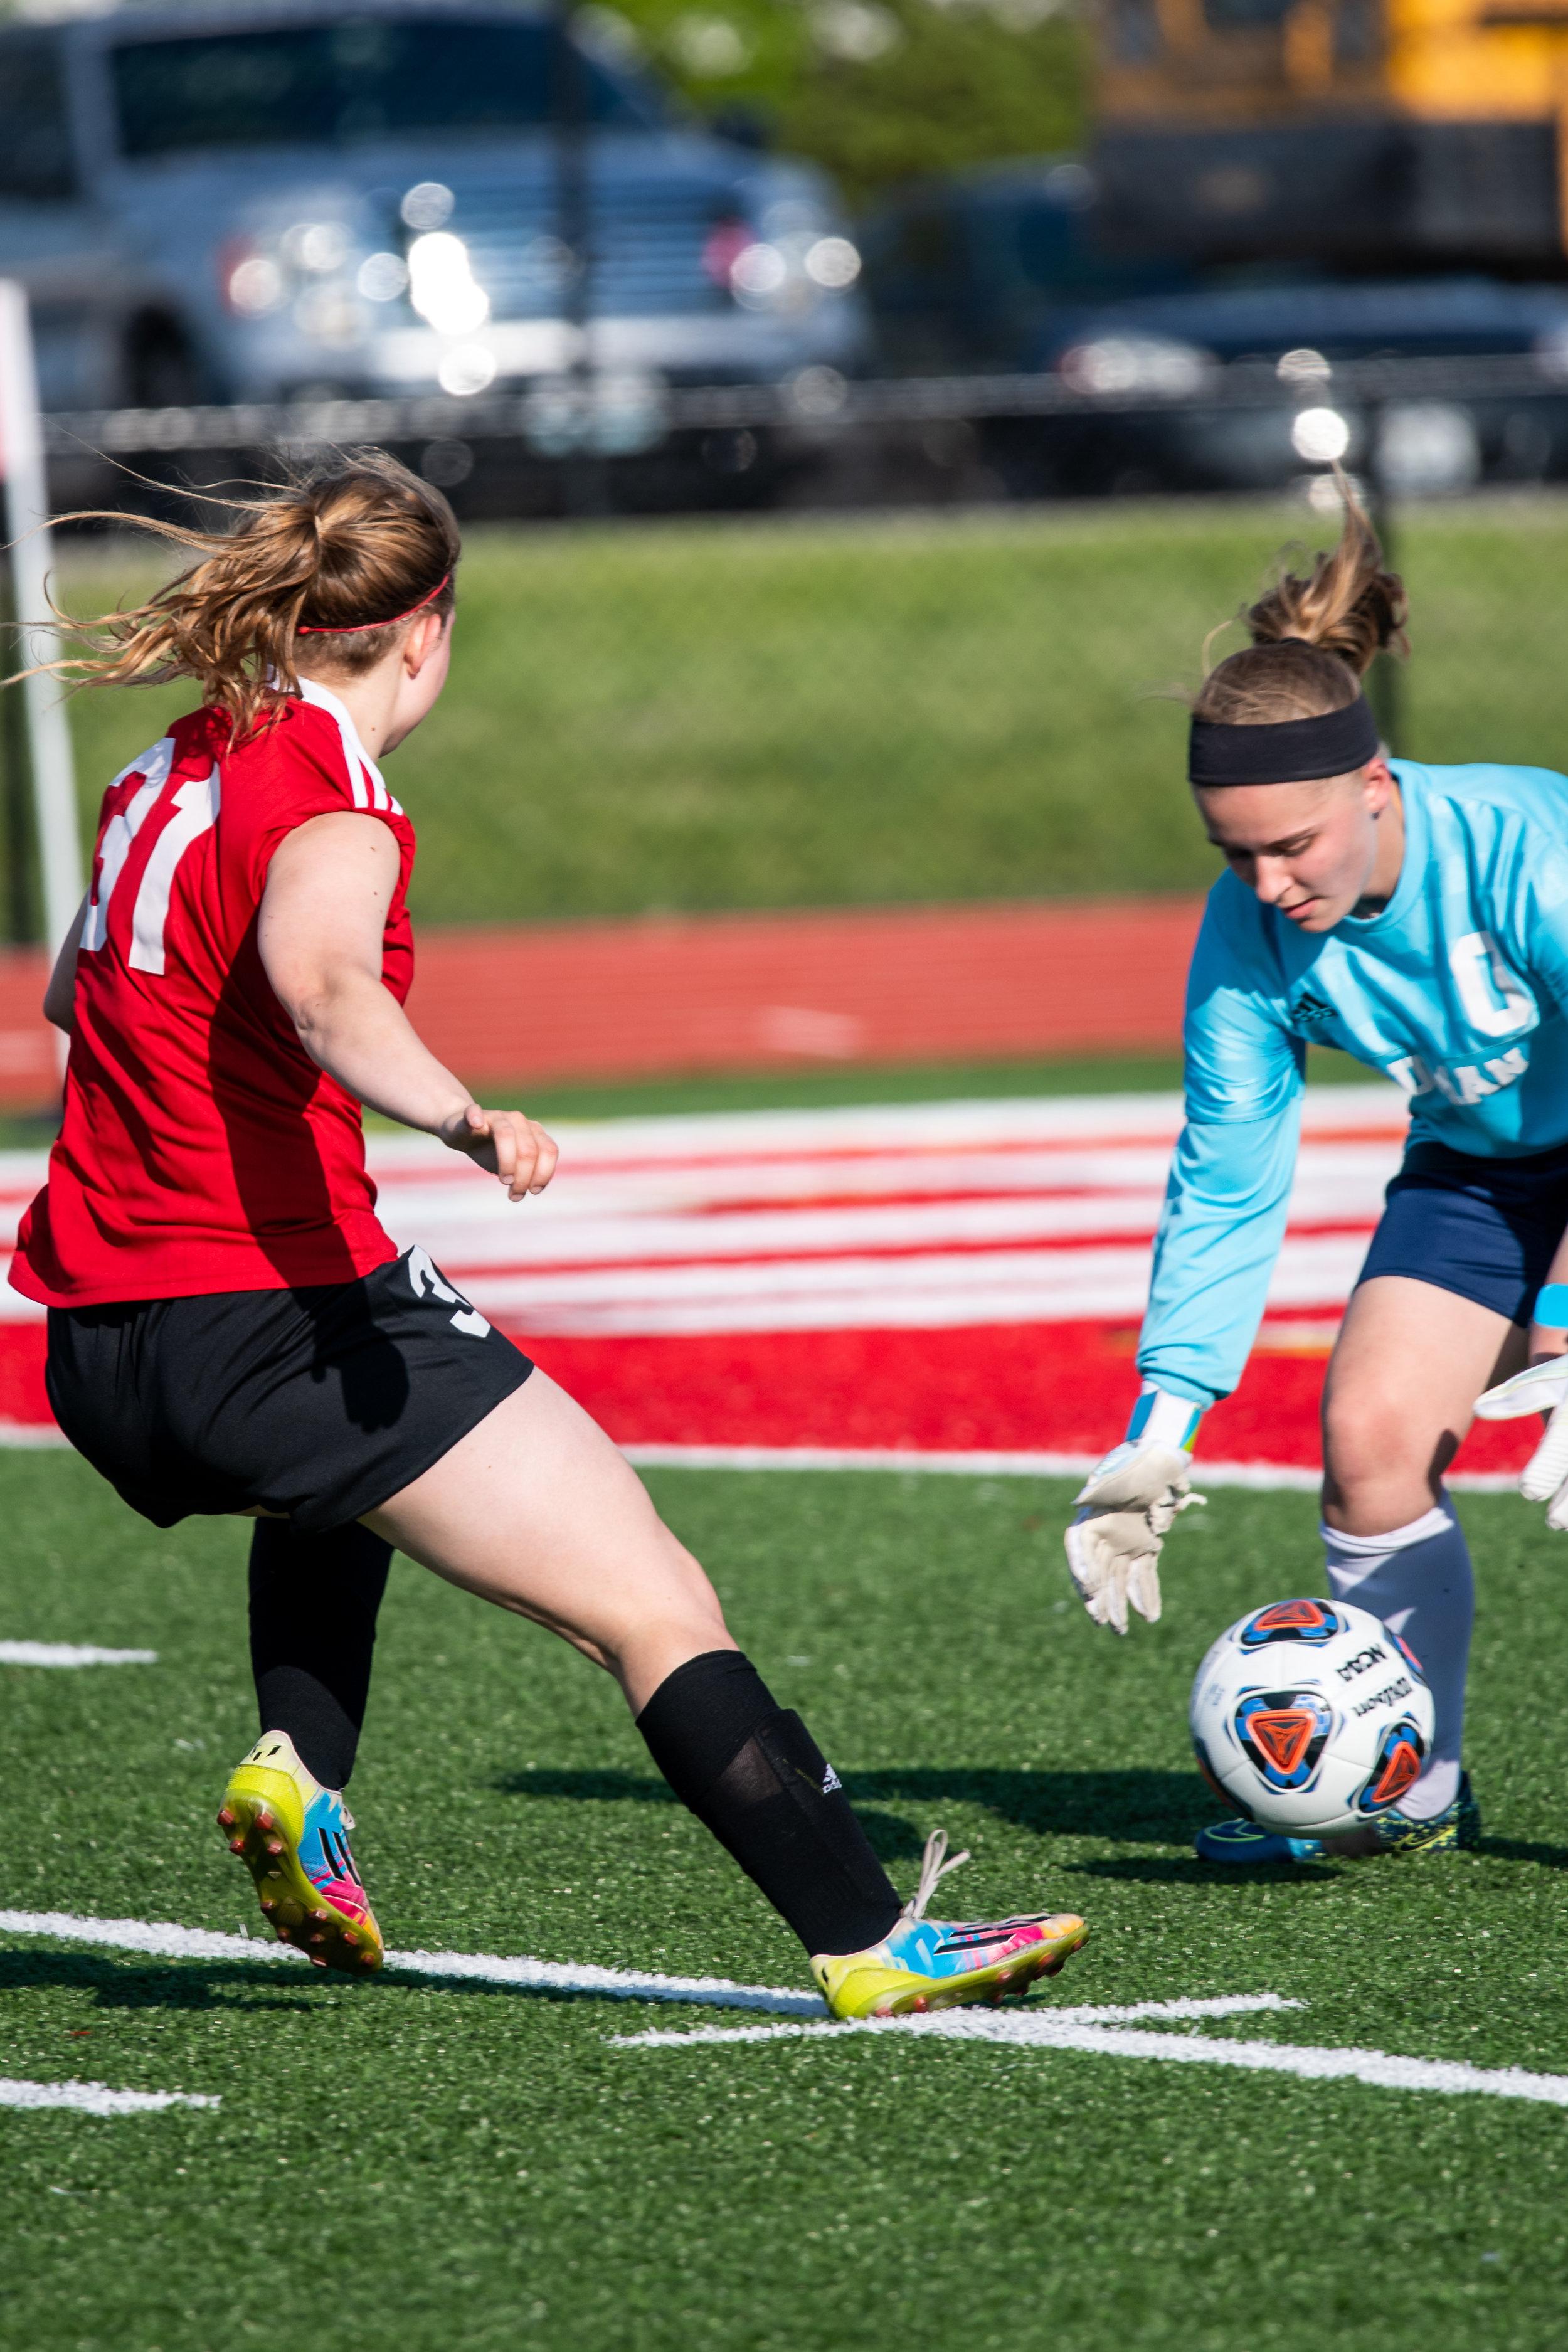 fort-osage-girls-soccer-vs-truman_47854832801_o.jpg